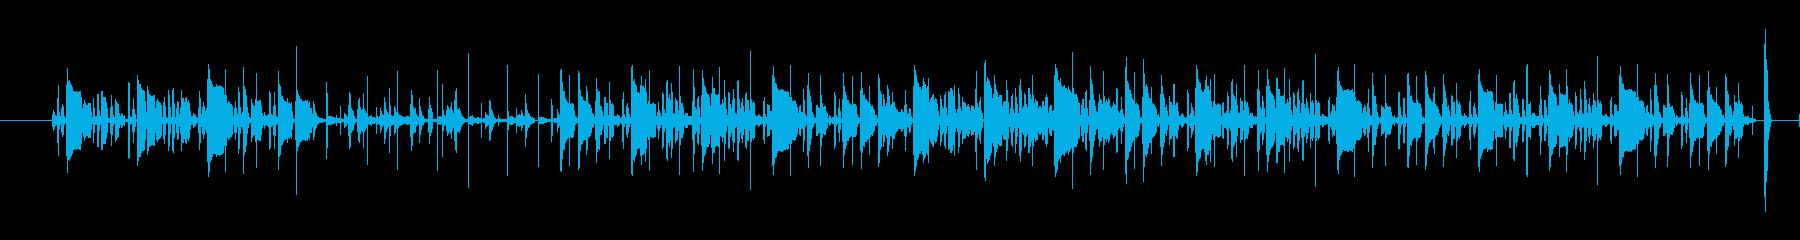 アコースティックギターの効いたジャズの曲の再生済みの波形